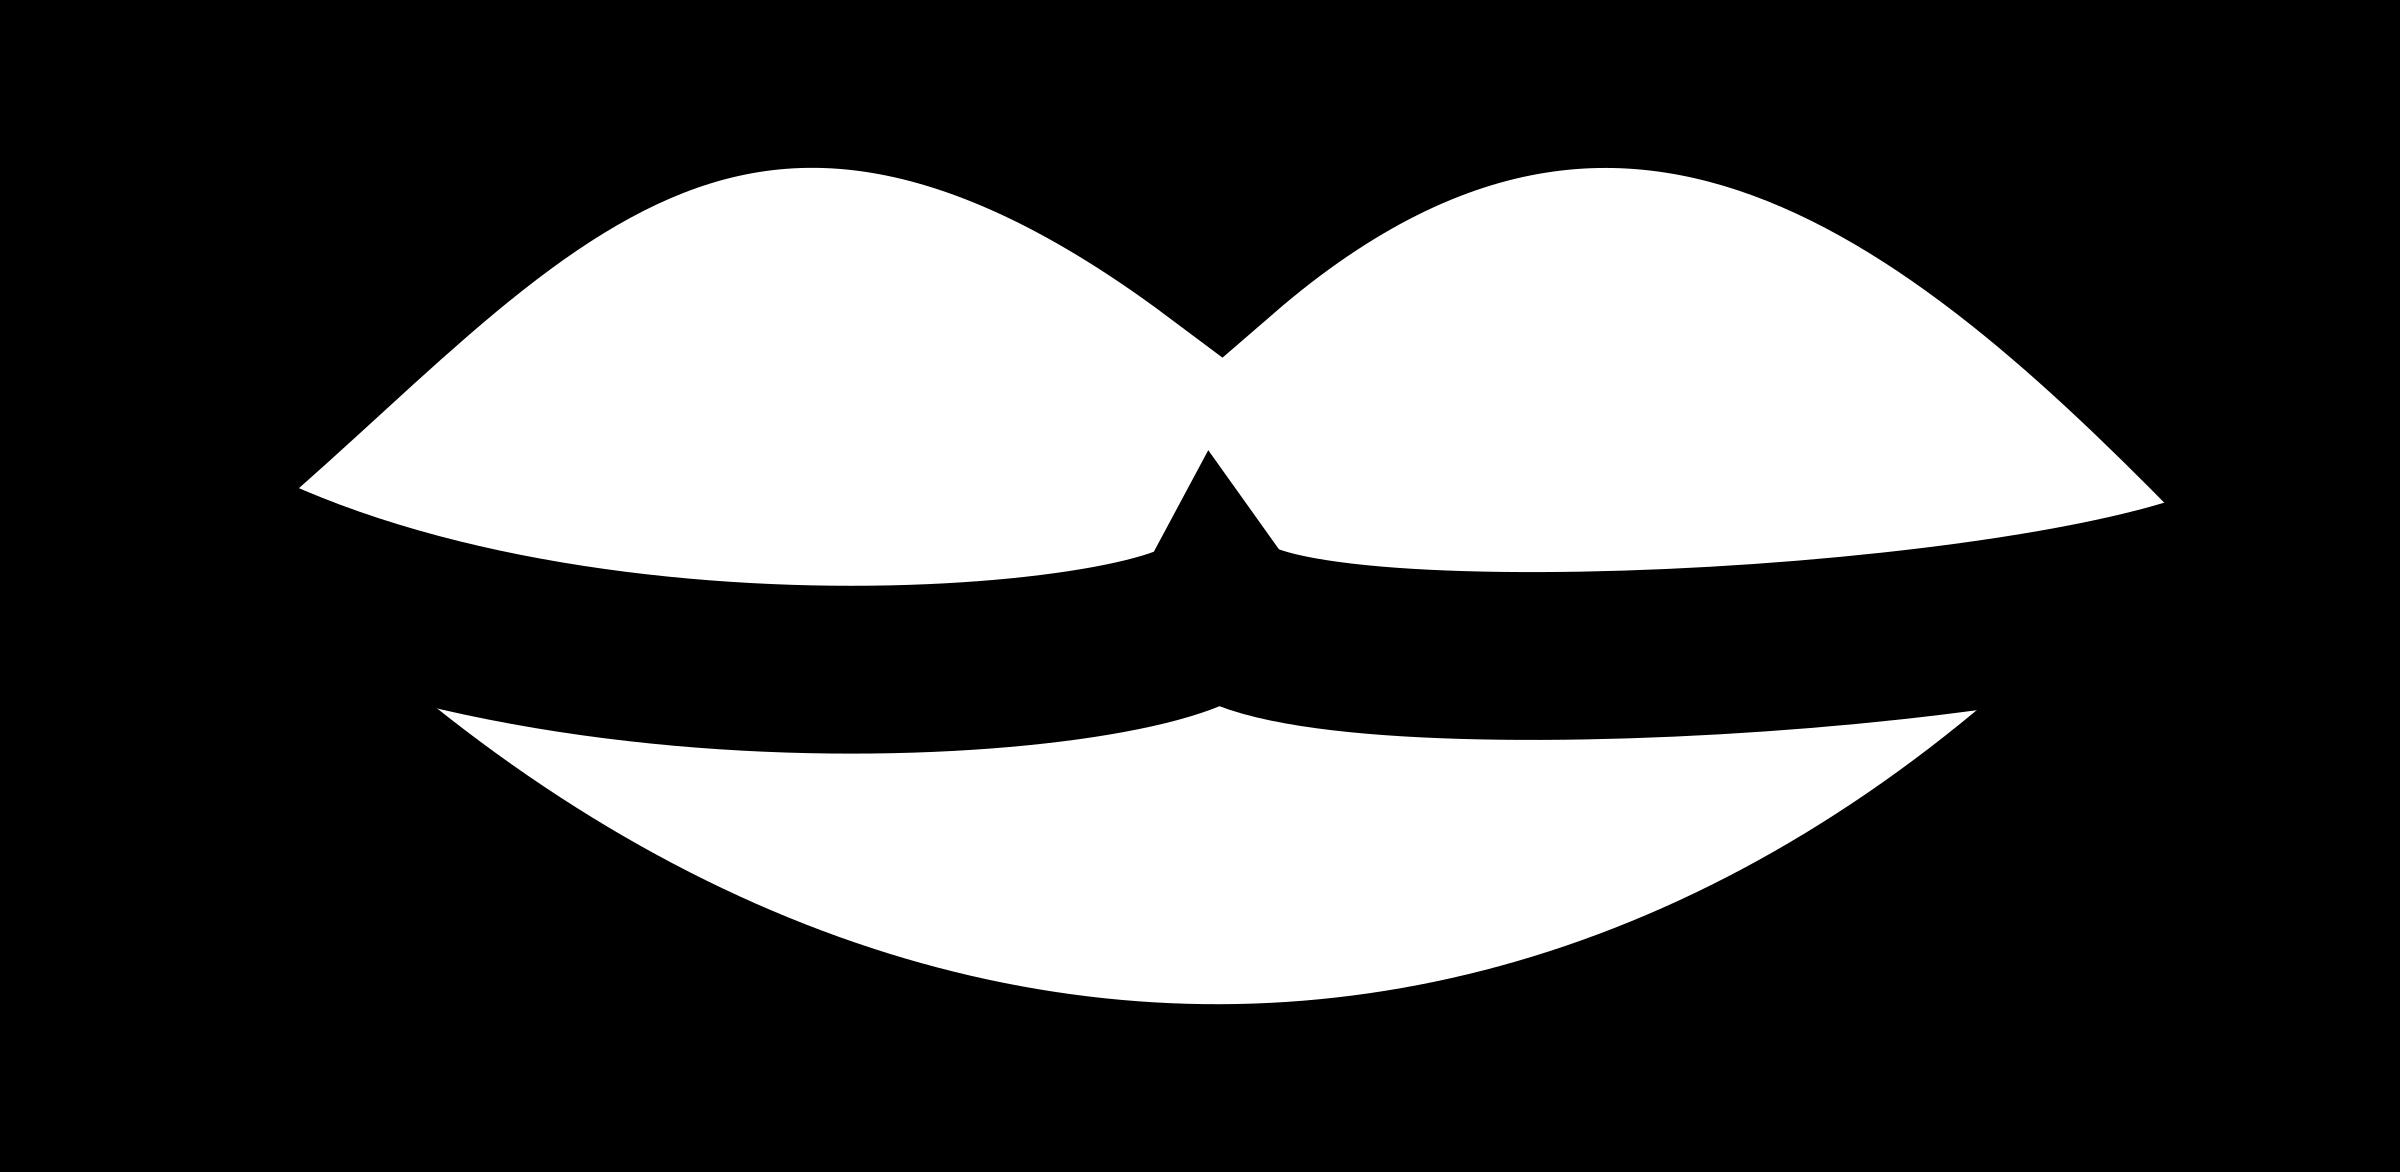 Moustache clipart simple. Lips big image png